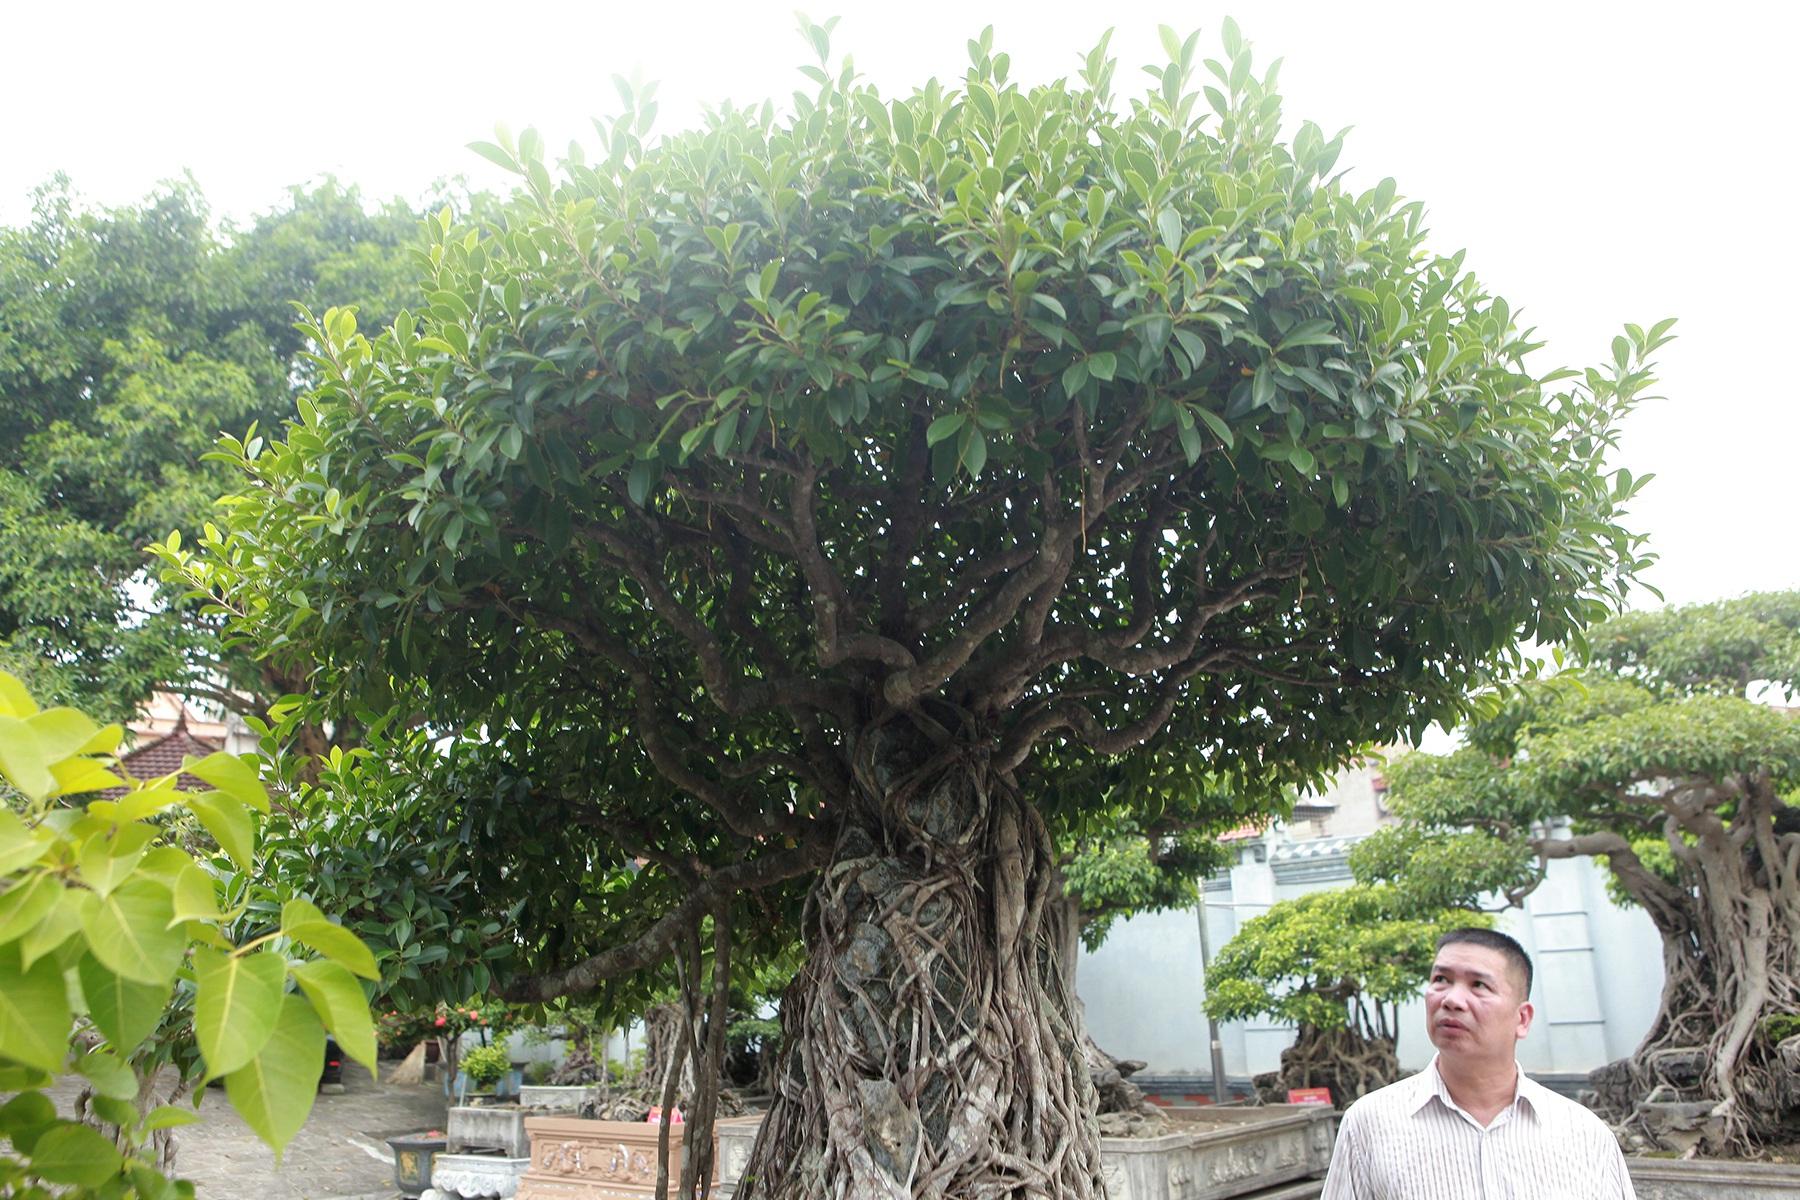 Chiêm ngưỡng bộ ba cây si cổ trị giá chục tỷ đồng của đại gia Vĩnh Phúc - 3